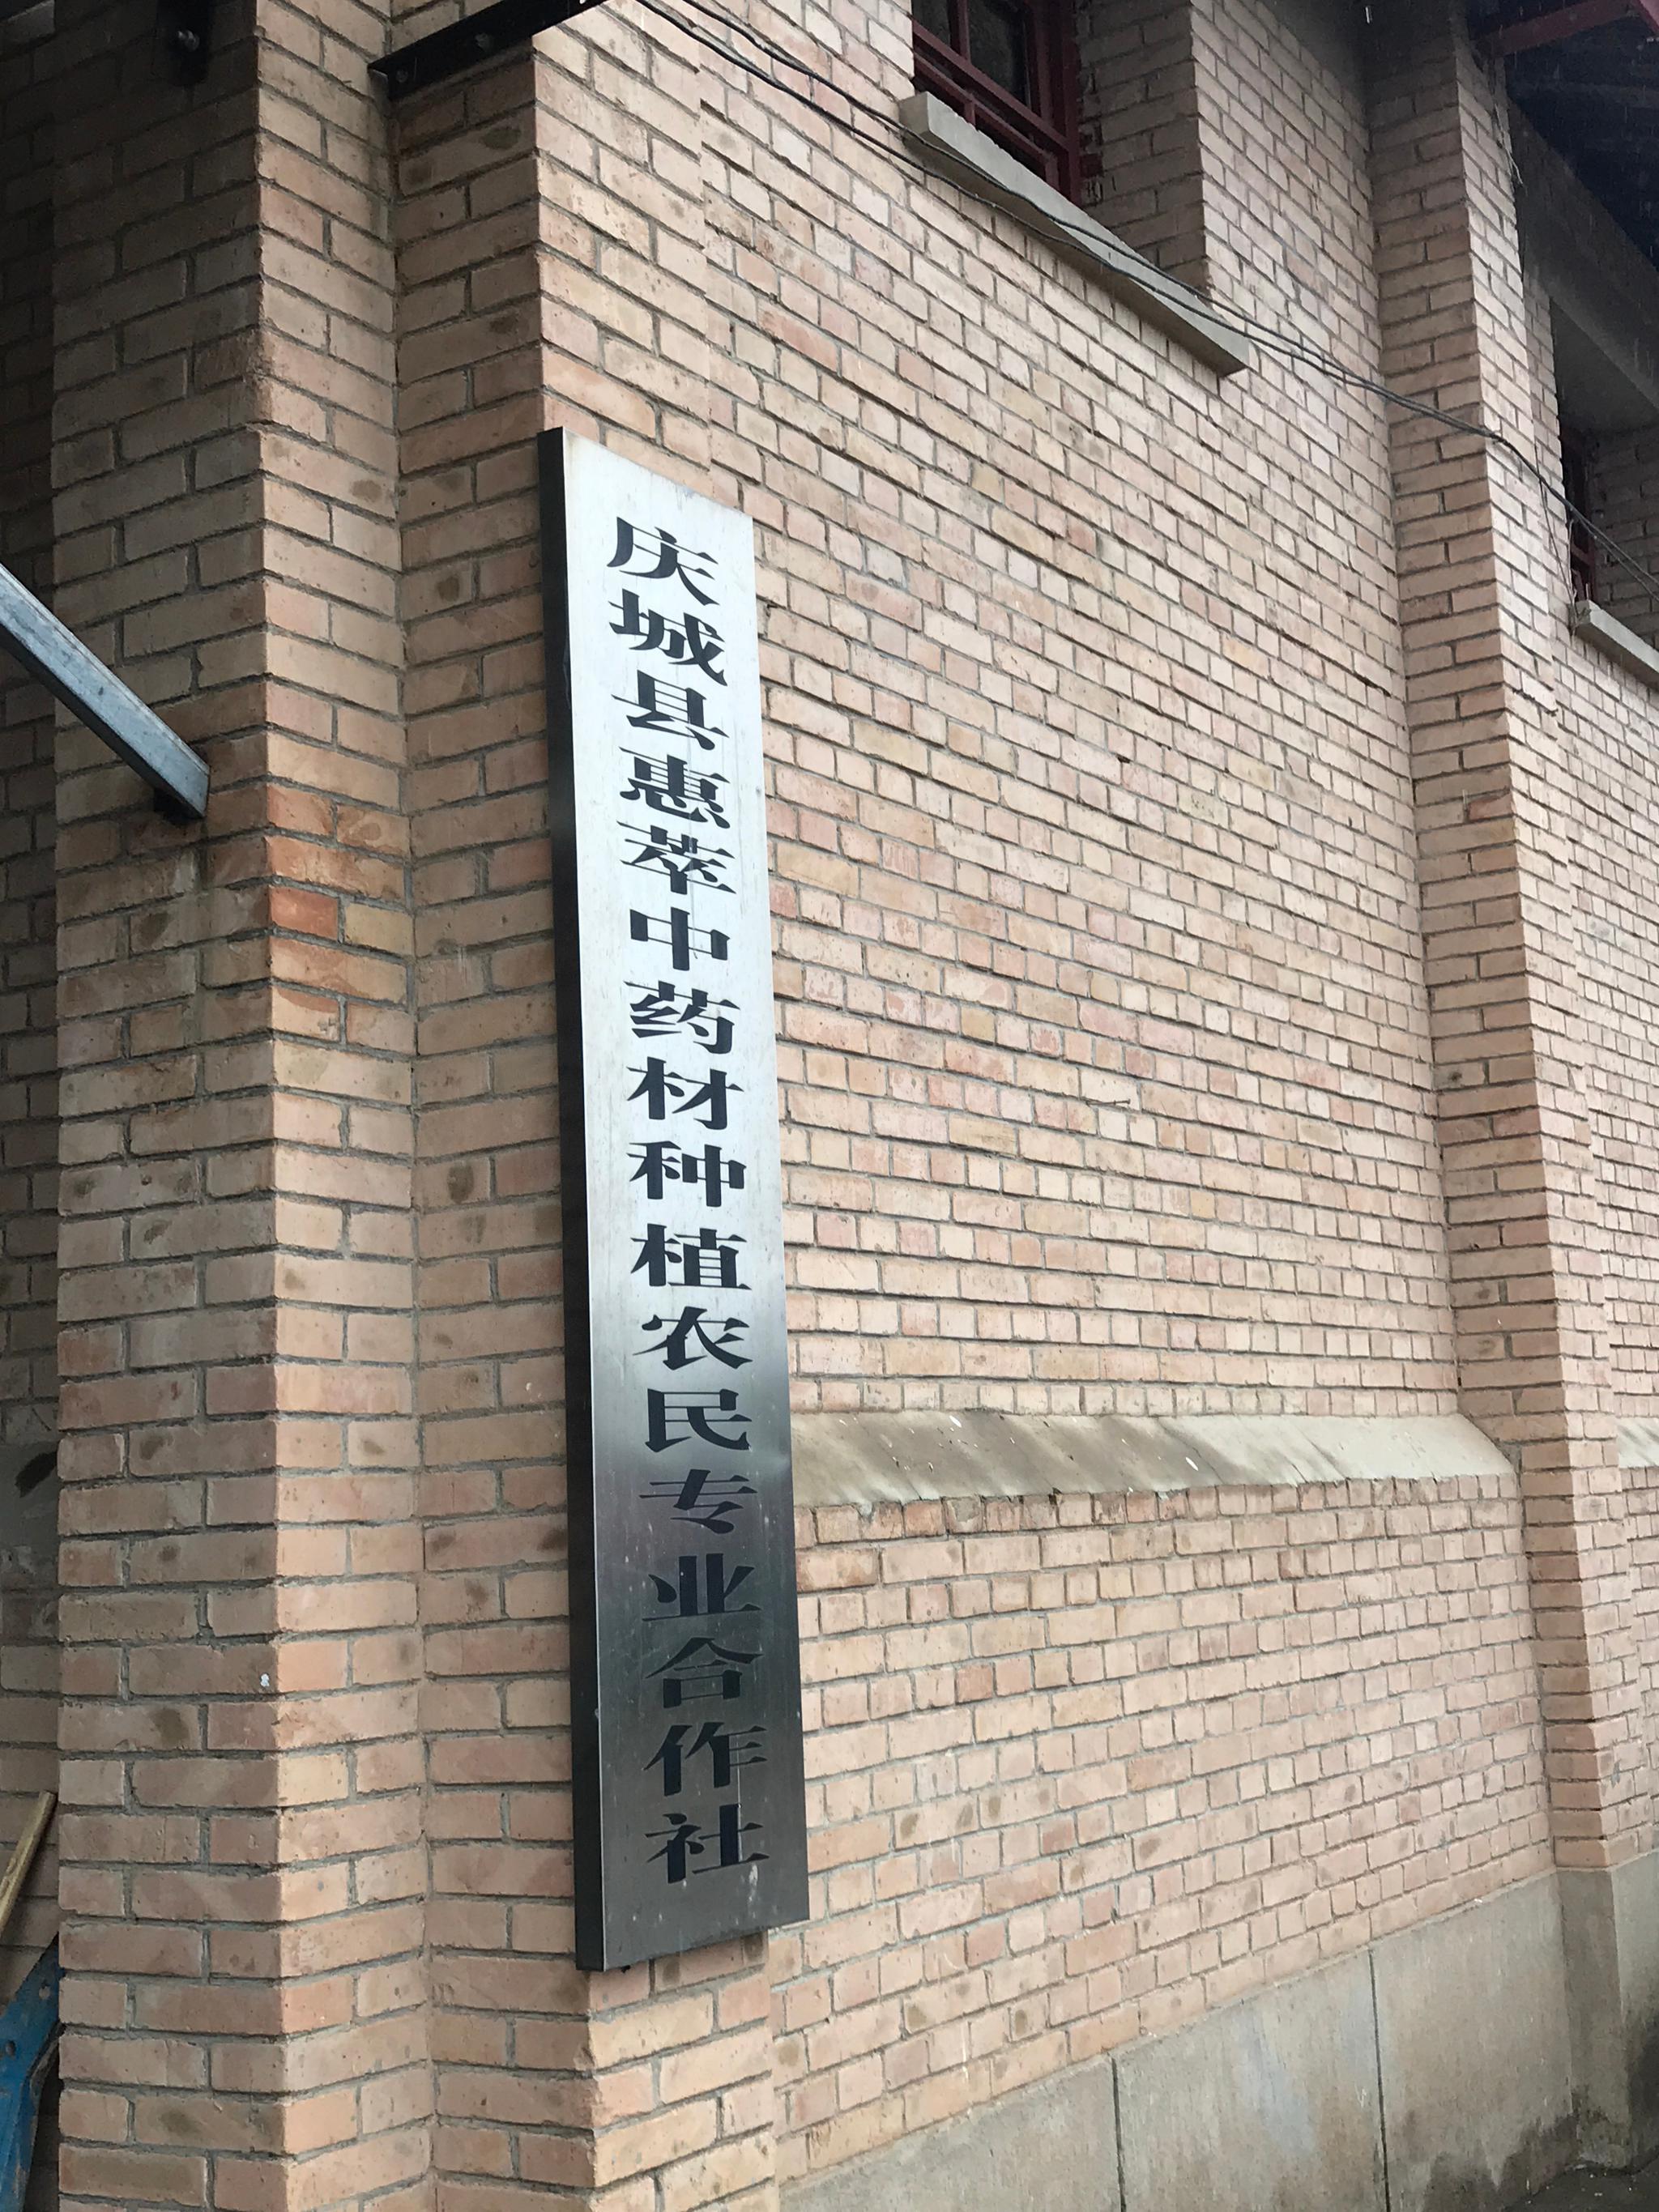 彩客网app官方:崔辉青城县中药材种植加工互助会如今 电子商务无处不在